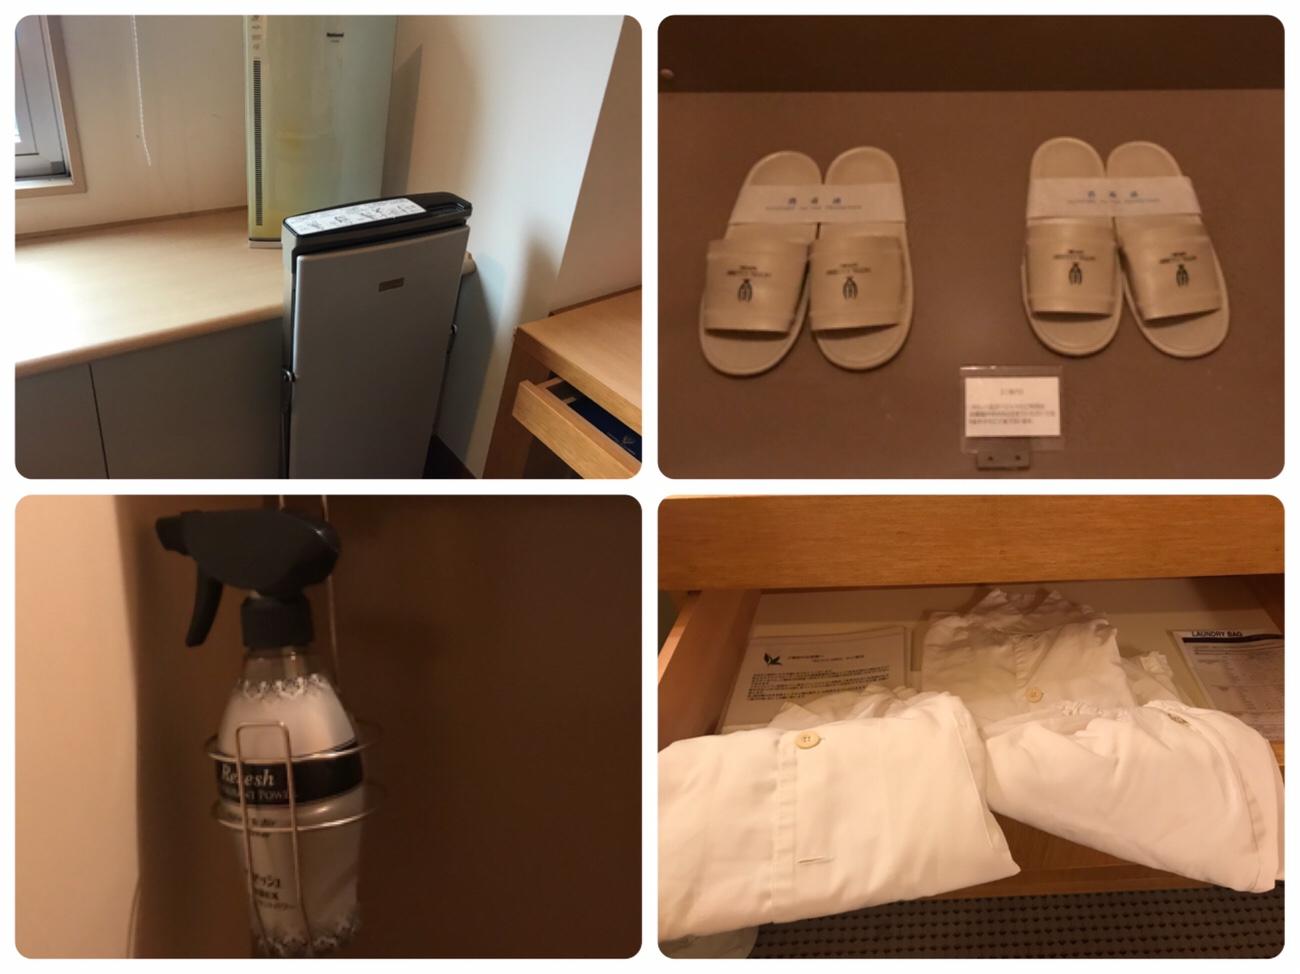 ホテルクラビーサッポロ室内設備と部屋着